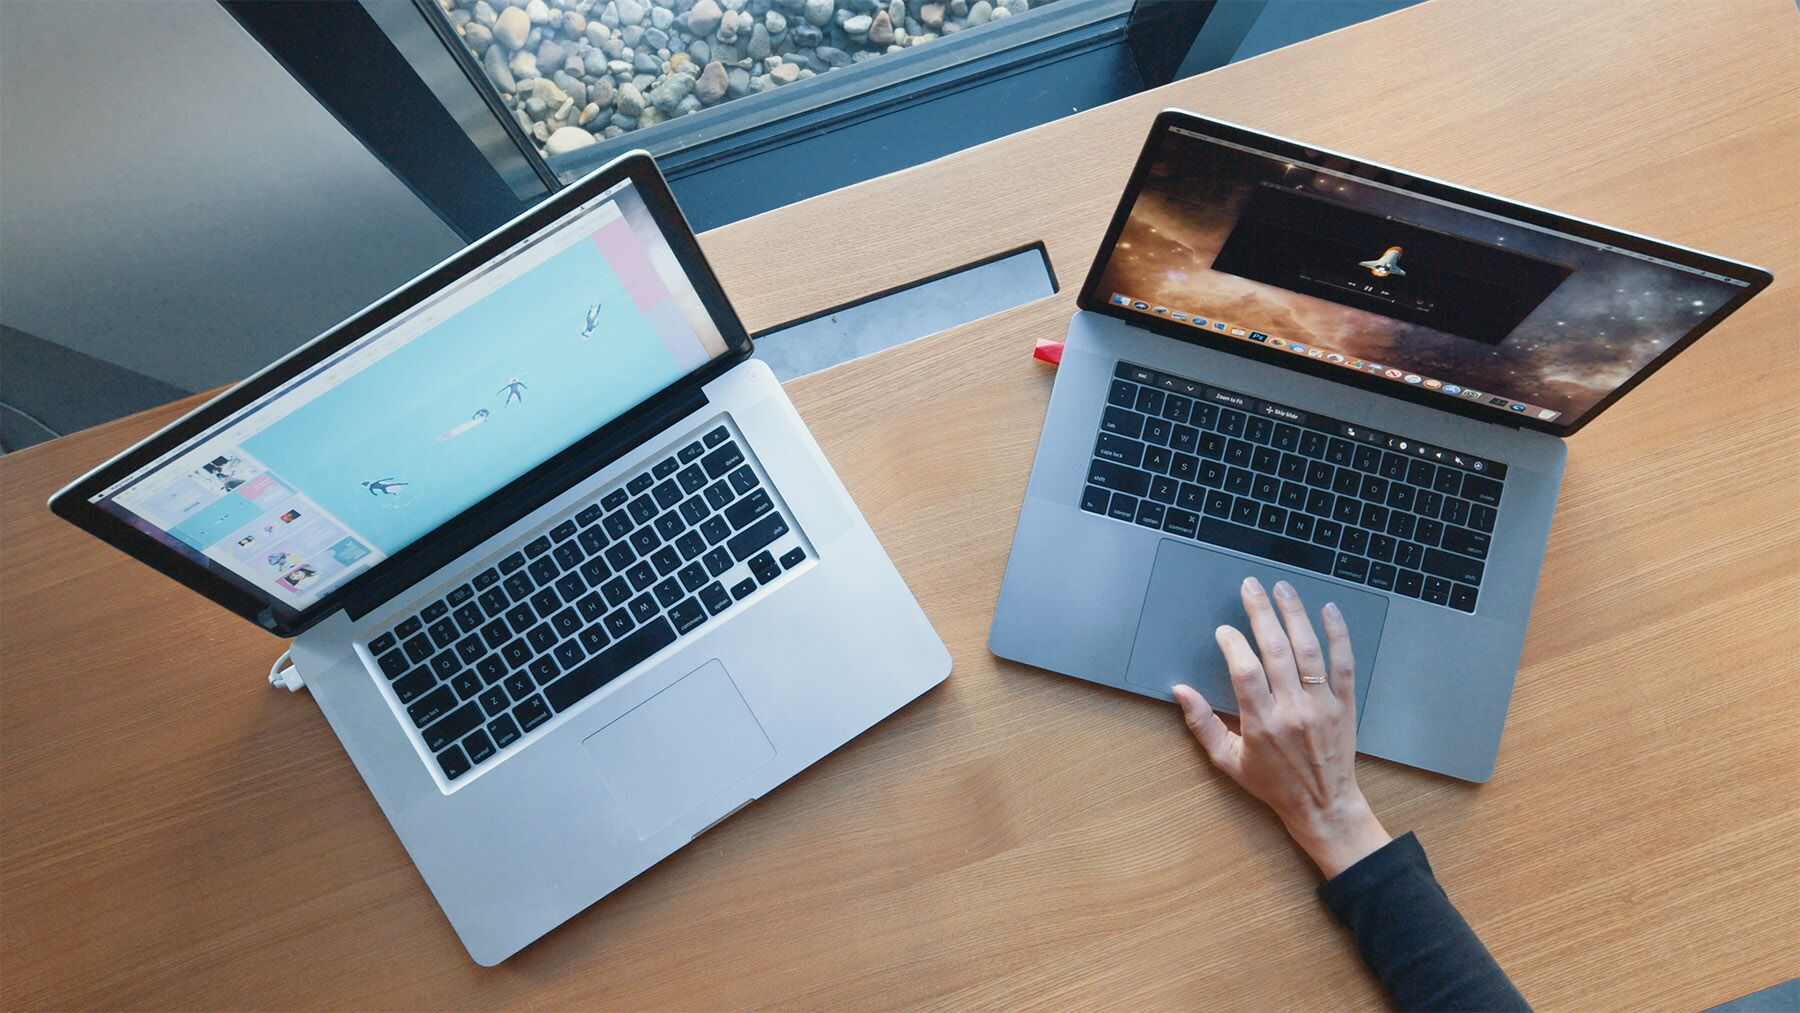 古いmac(iMacやMacbook)をサブディスプレイ・モニターにしてデュアルディスプレイを構築し、在宅ワークや在宅勤務の作業効率を上げるアップさせる方法6